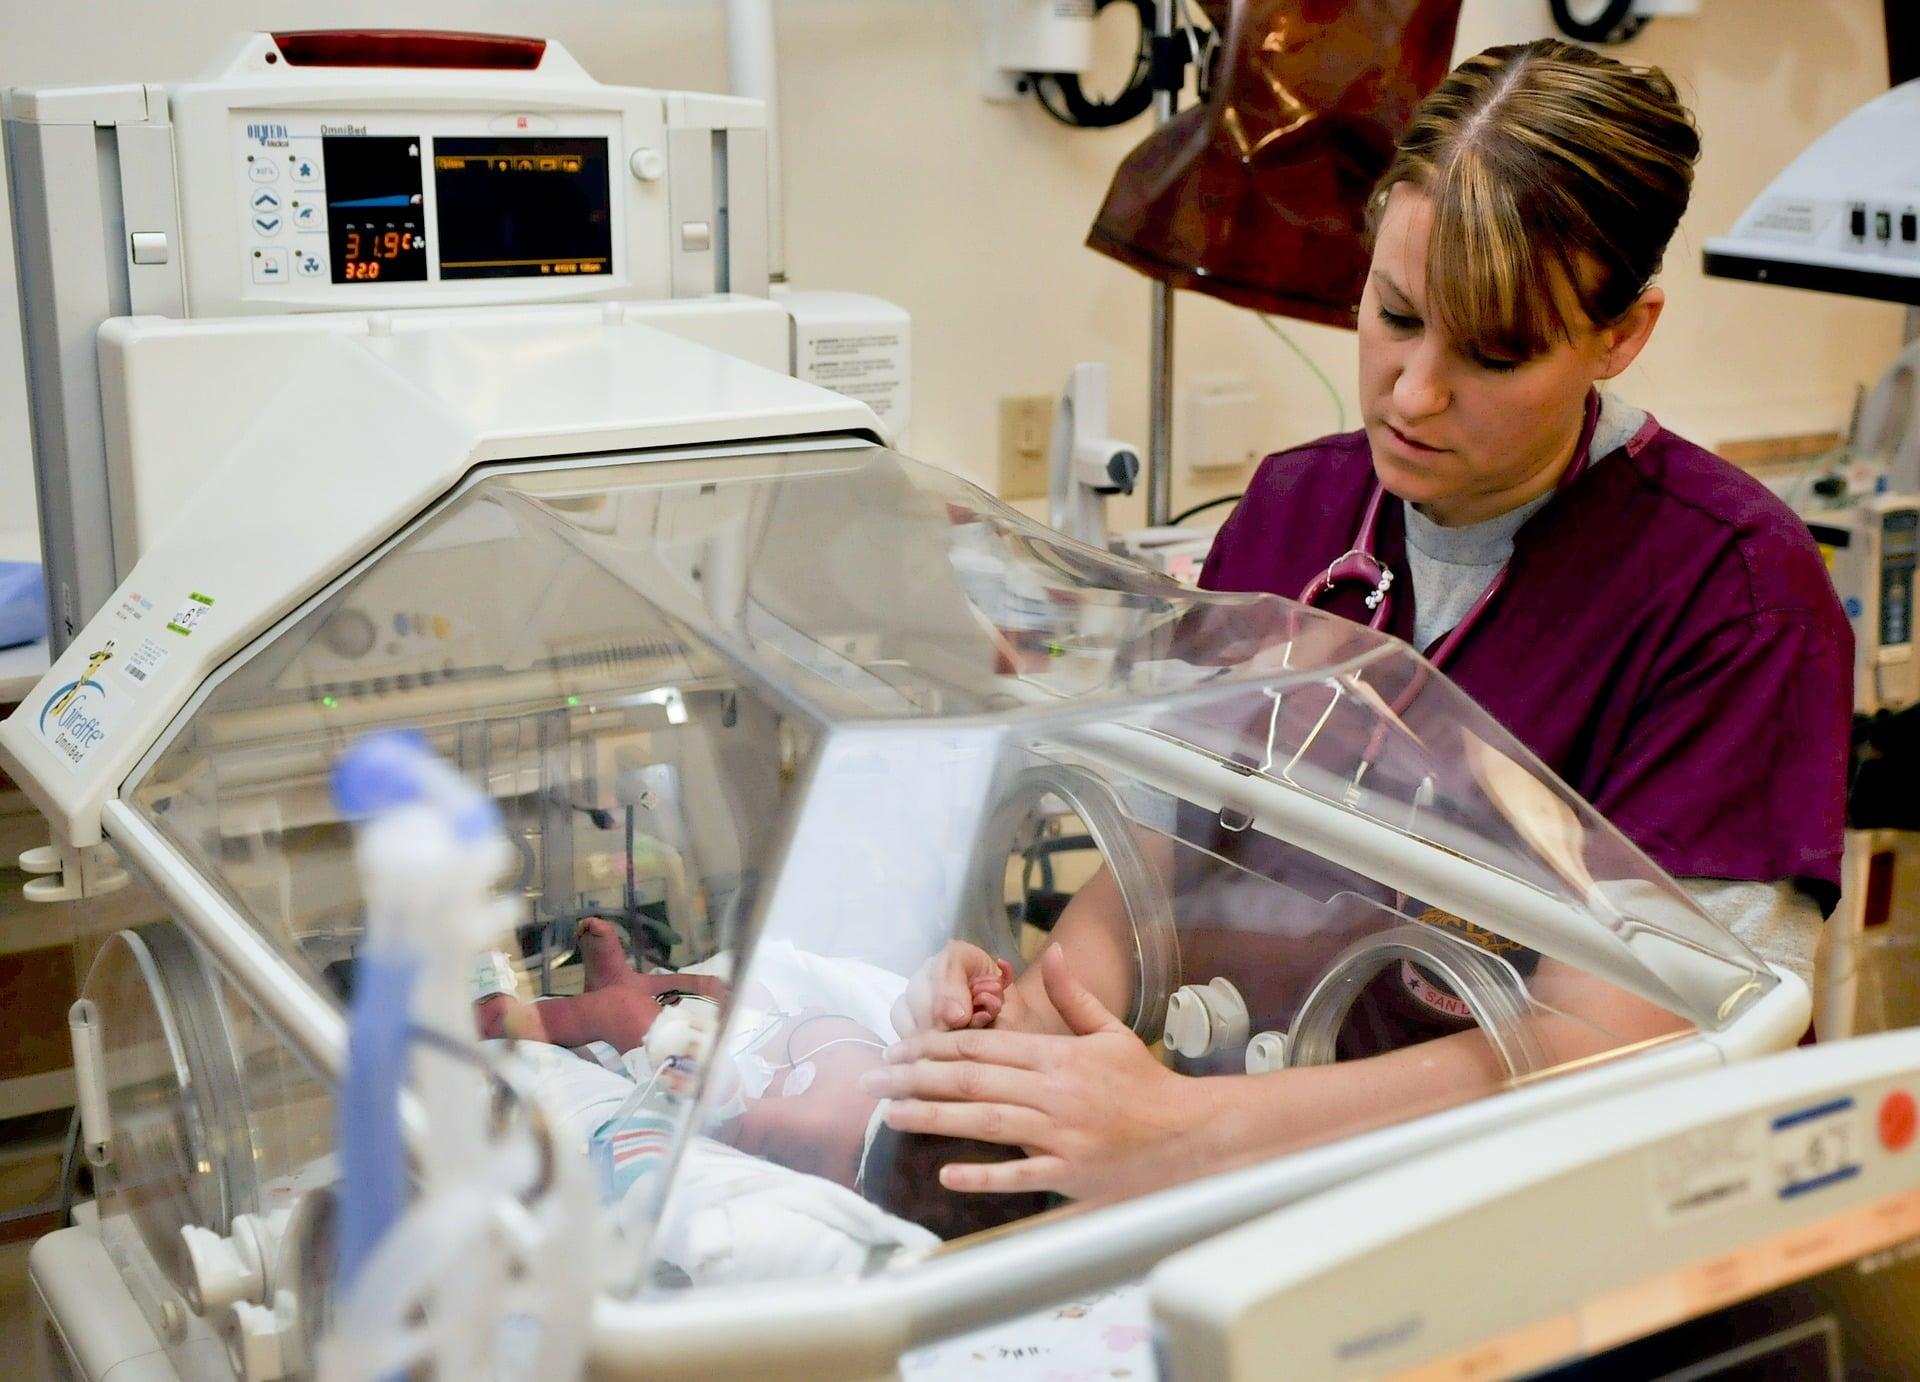 NZ Midwife 2-Year Training/Enrolment Period